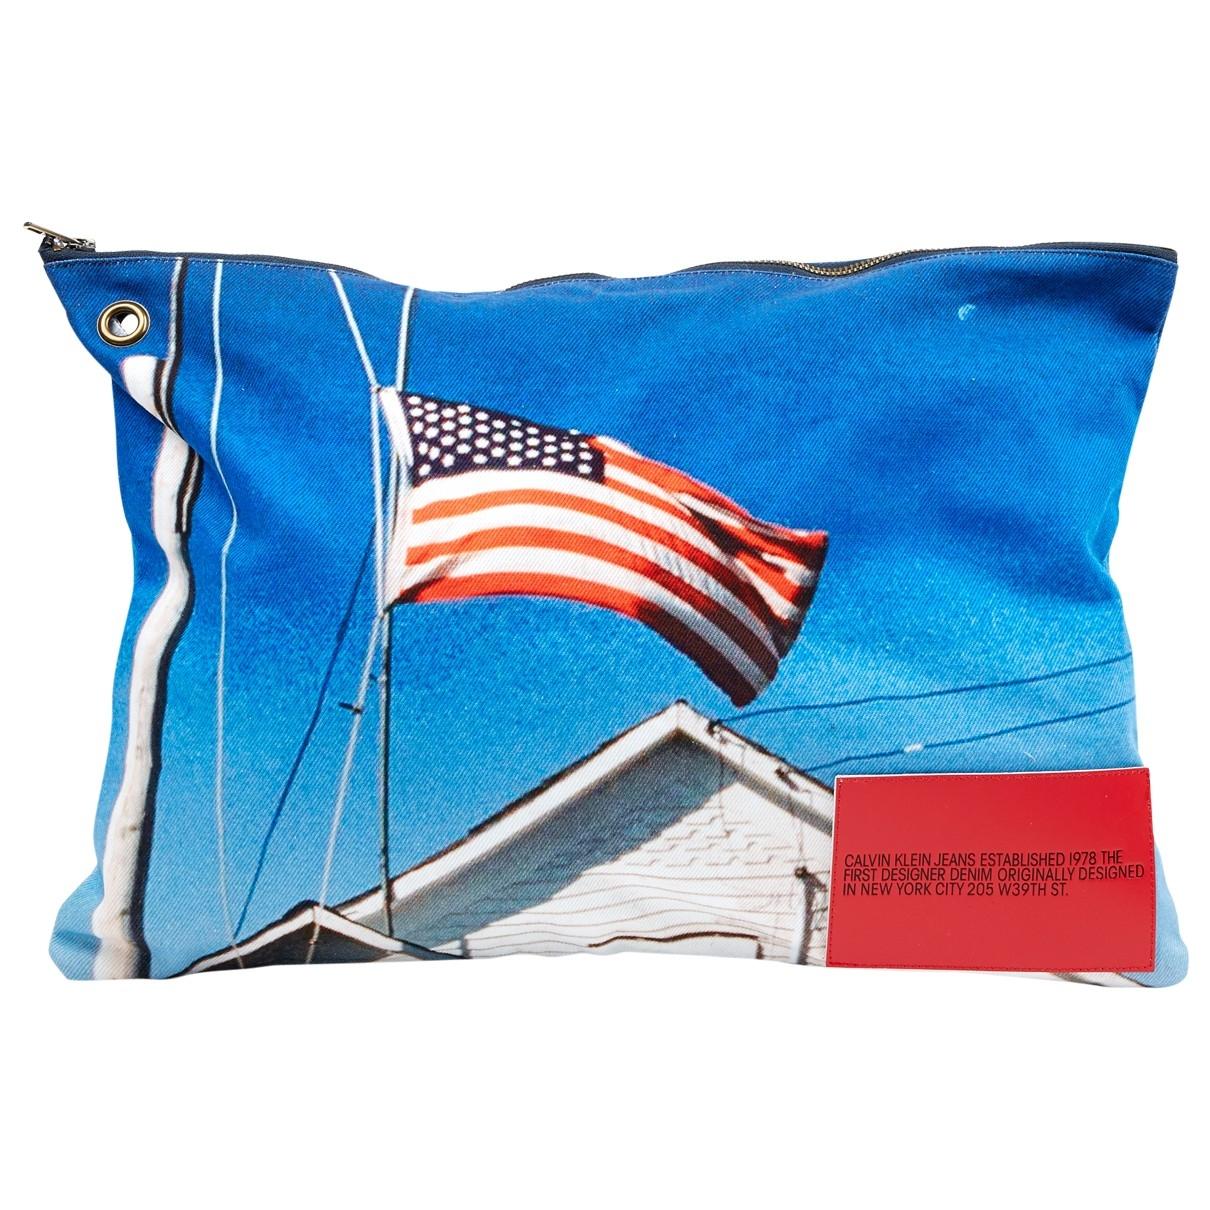 Calvin Klein 205w39nyc \N Multicolour Cotton Clutch bag for Women \N